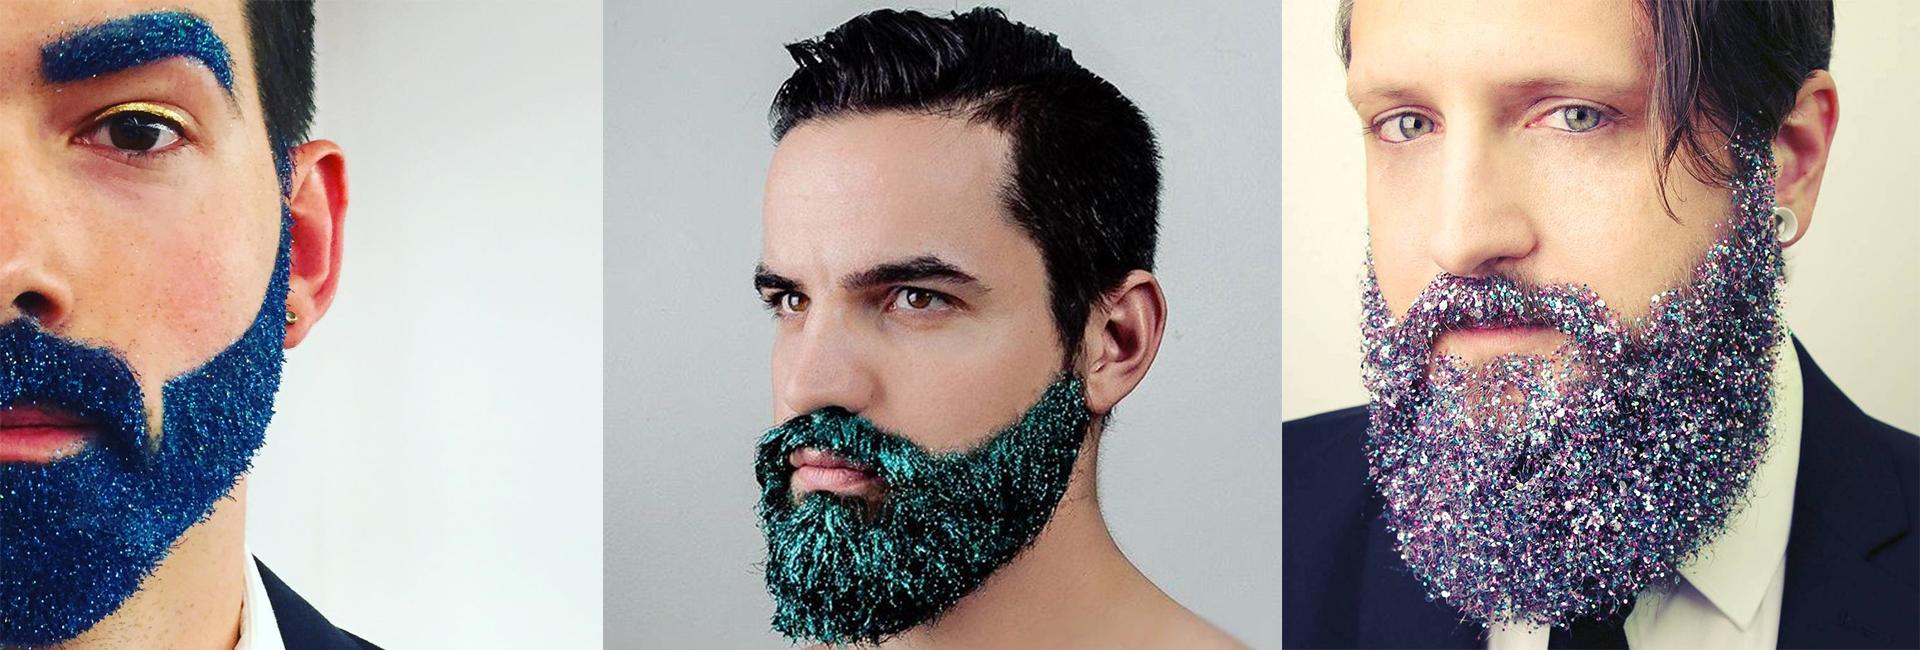 glitter-beard-tendance-hipster-blog-beaute-soin-parfum-homme